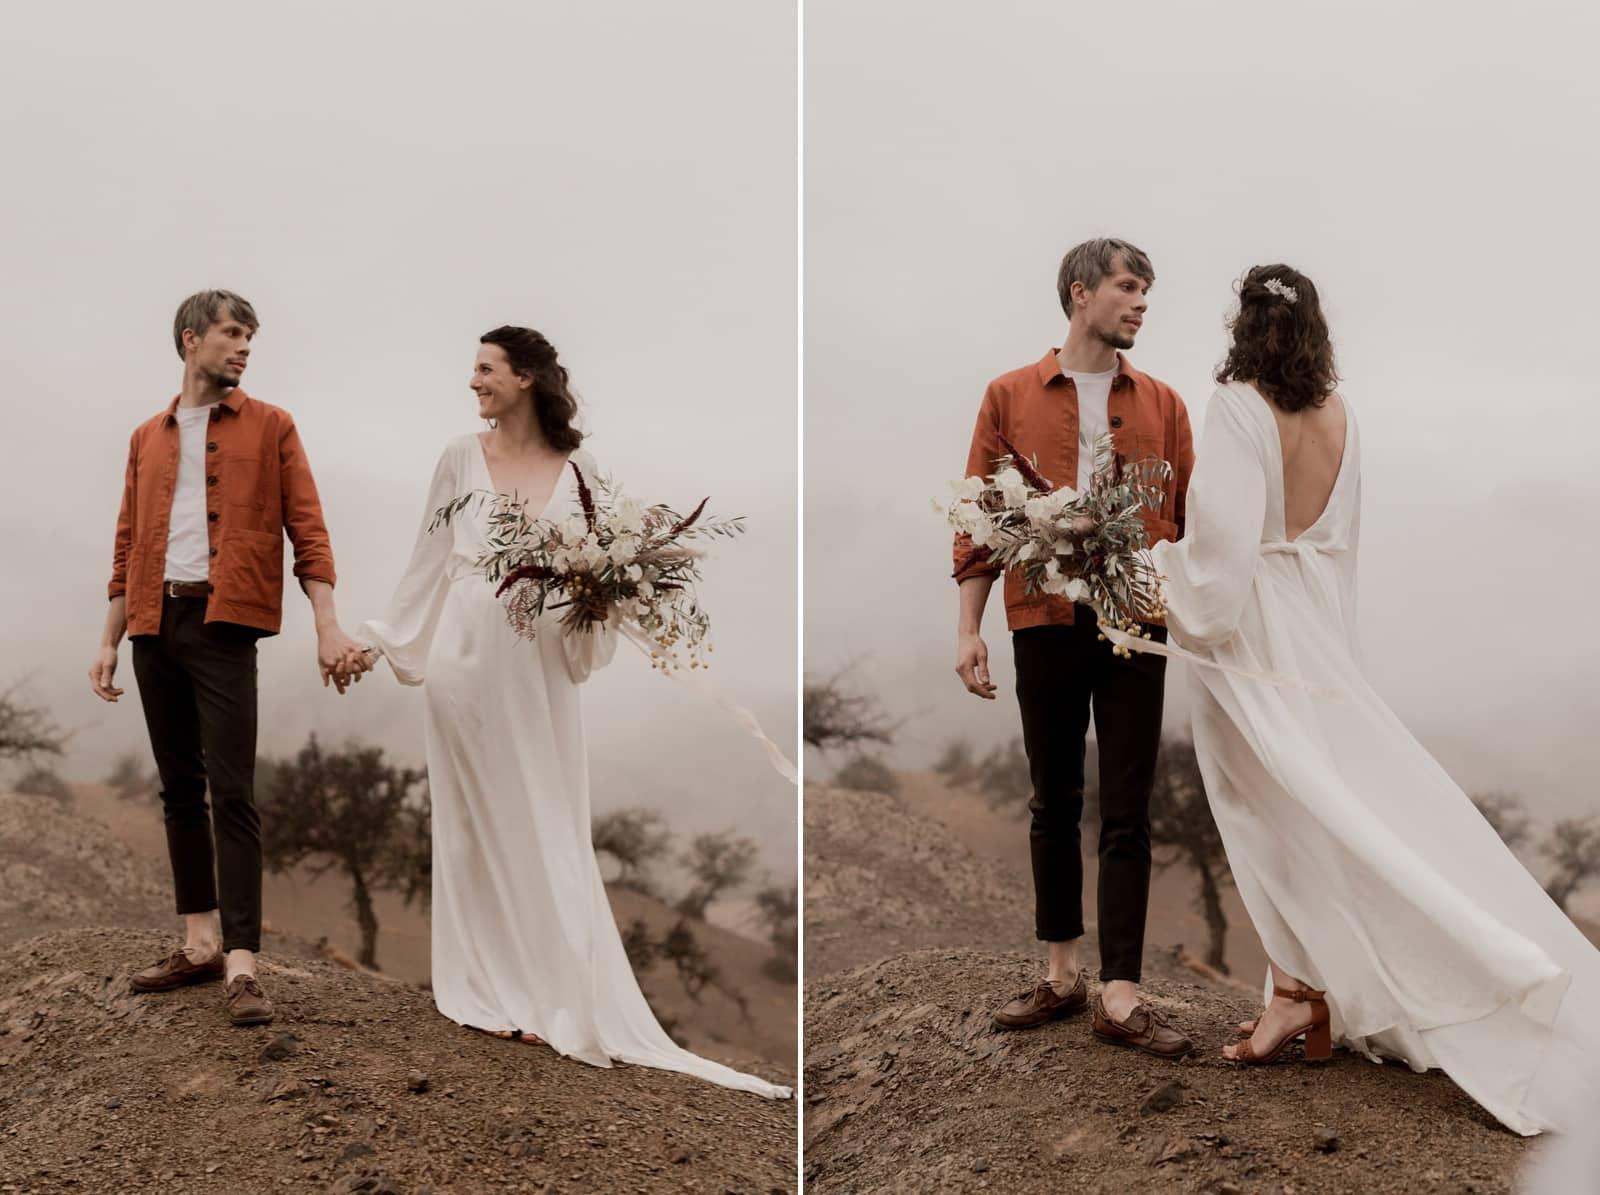 Photographier un elopement